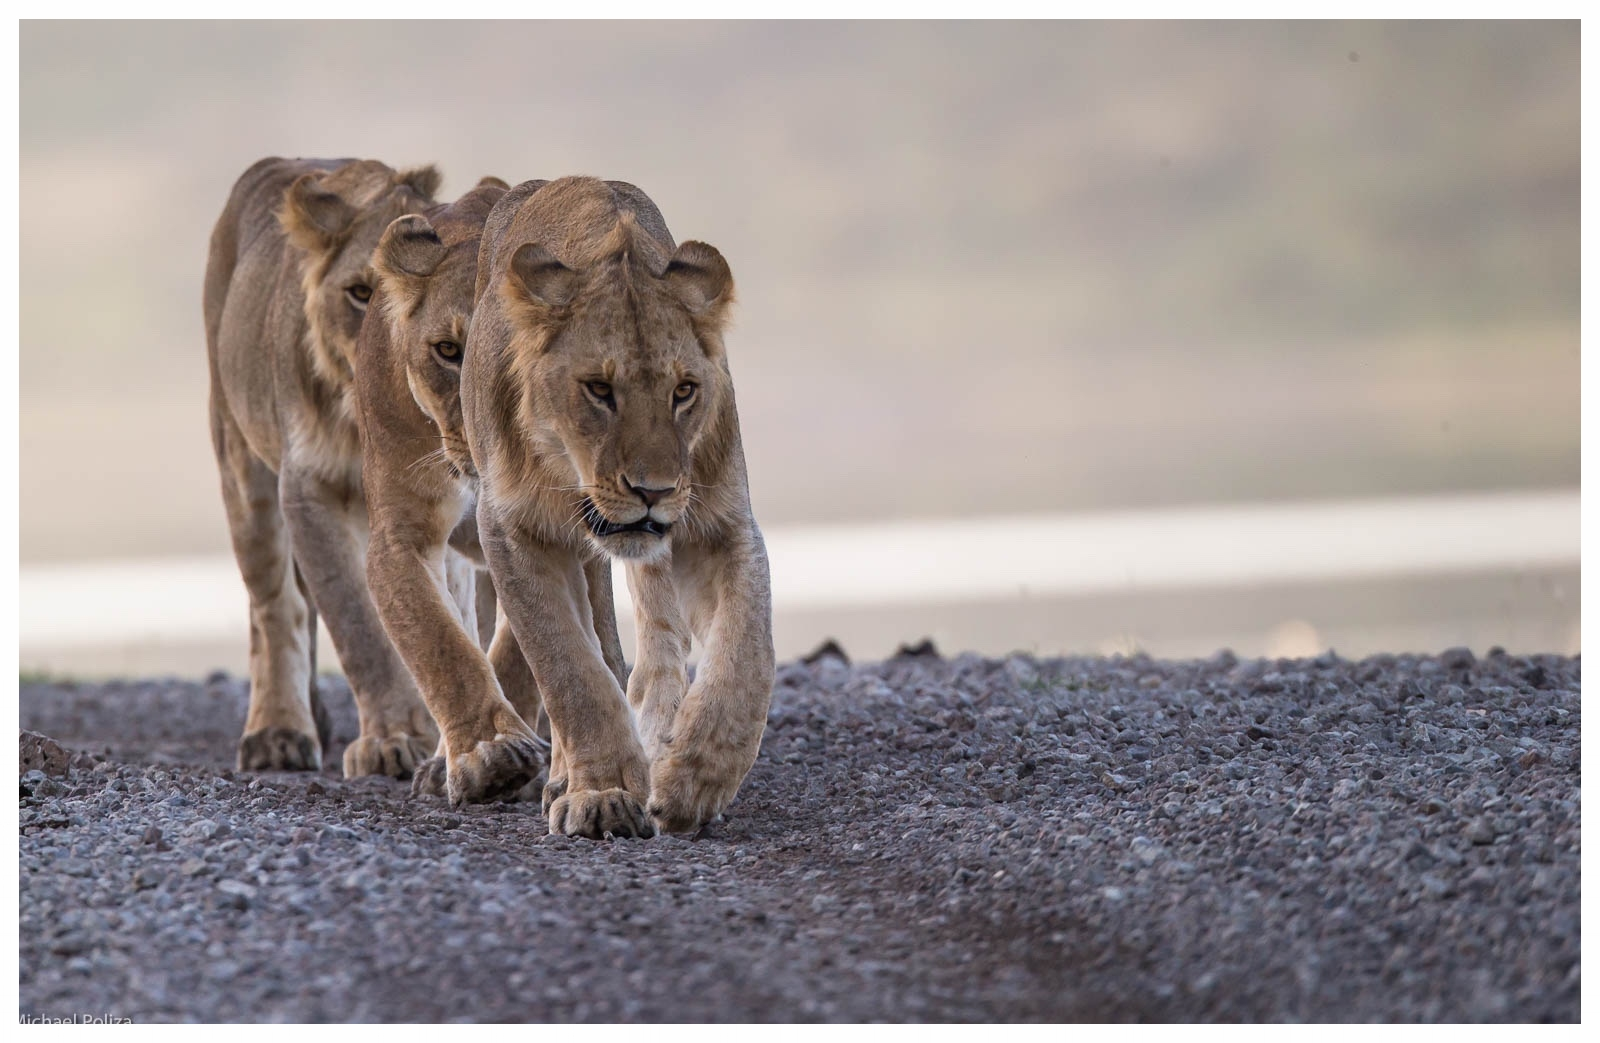 Tansania Erlebnisse abseits der Tourismuszentren - Tansania teilt sich in zwei unterschiedliche Safari-Destinationen: Im Nordwesten finden sich die beliebte Serengeti, der Ngorongoro Krater und einige schöne Nationalparks. Vermeiden Sie unbedingt die Hauptreisezeit von Juli bis September - da sind diese Orte schnell überfüllt. Im Süden und Südosten des Landes, welche wesentlich weniger besucht sind, bieten sich viele faszinierende Tiererlebnisse, die unvergesslich bleiben. Dazu zählen zum Beispiel die Schimpansen in Mahale und die Nationalparks Katavi, Ruaha und Selous. Die Parks und Lodges sind relativ weit von einander entfernt, so dass sich hier Charterflüge für den Transfer anbieten. Sansibar als populäre Küstendestination ist touristisch sehr beliebt. Um Menschenmengen zu vermeiden, zeigen wir Ihnen gern unsere Geheimtipps.